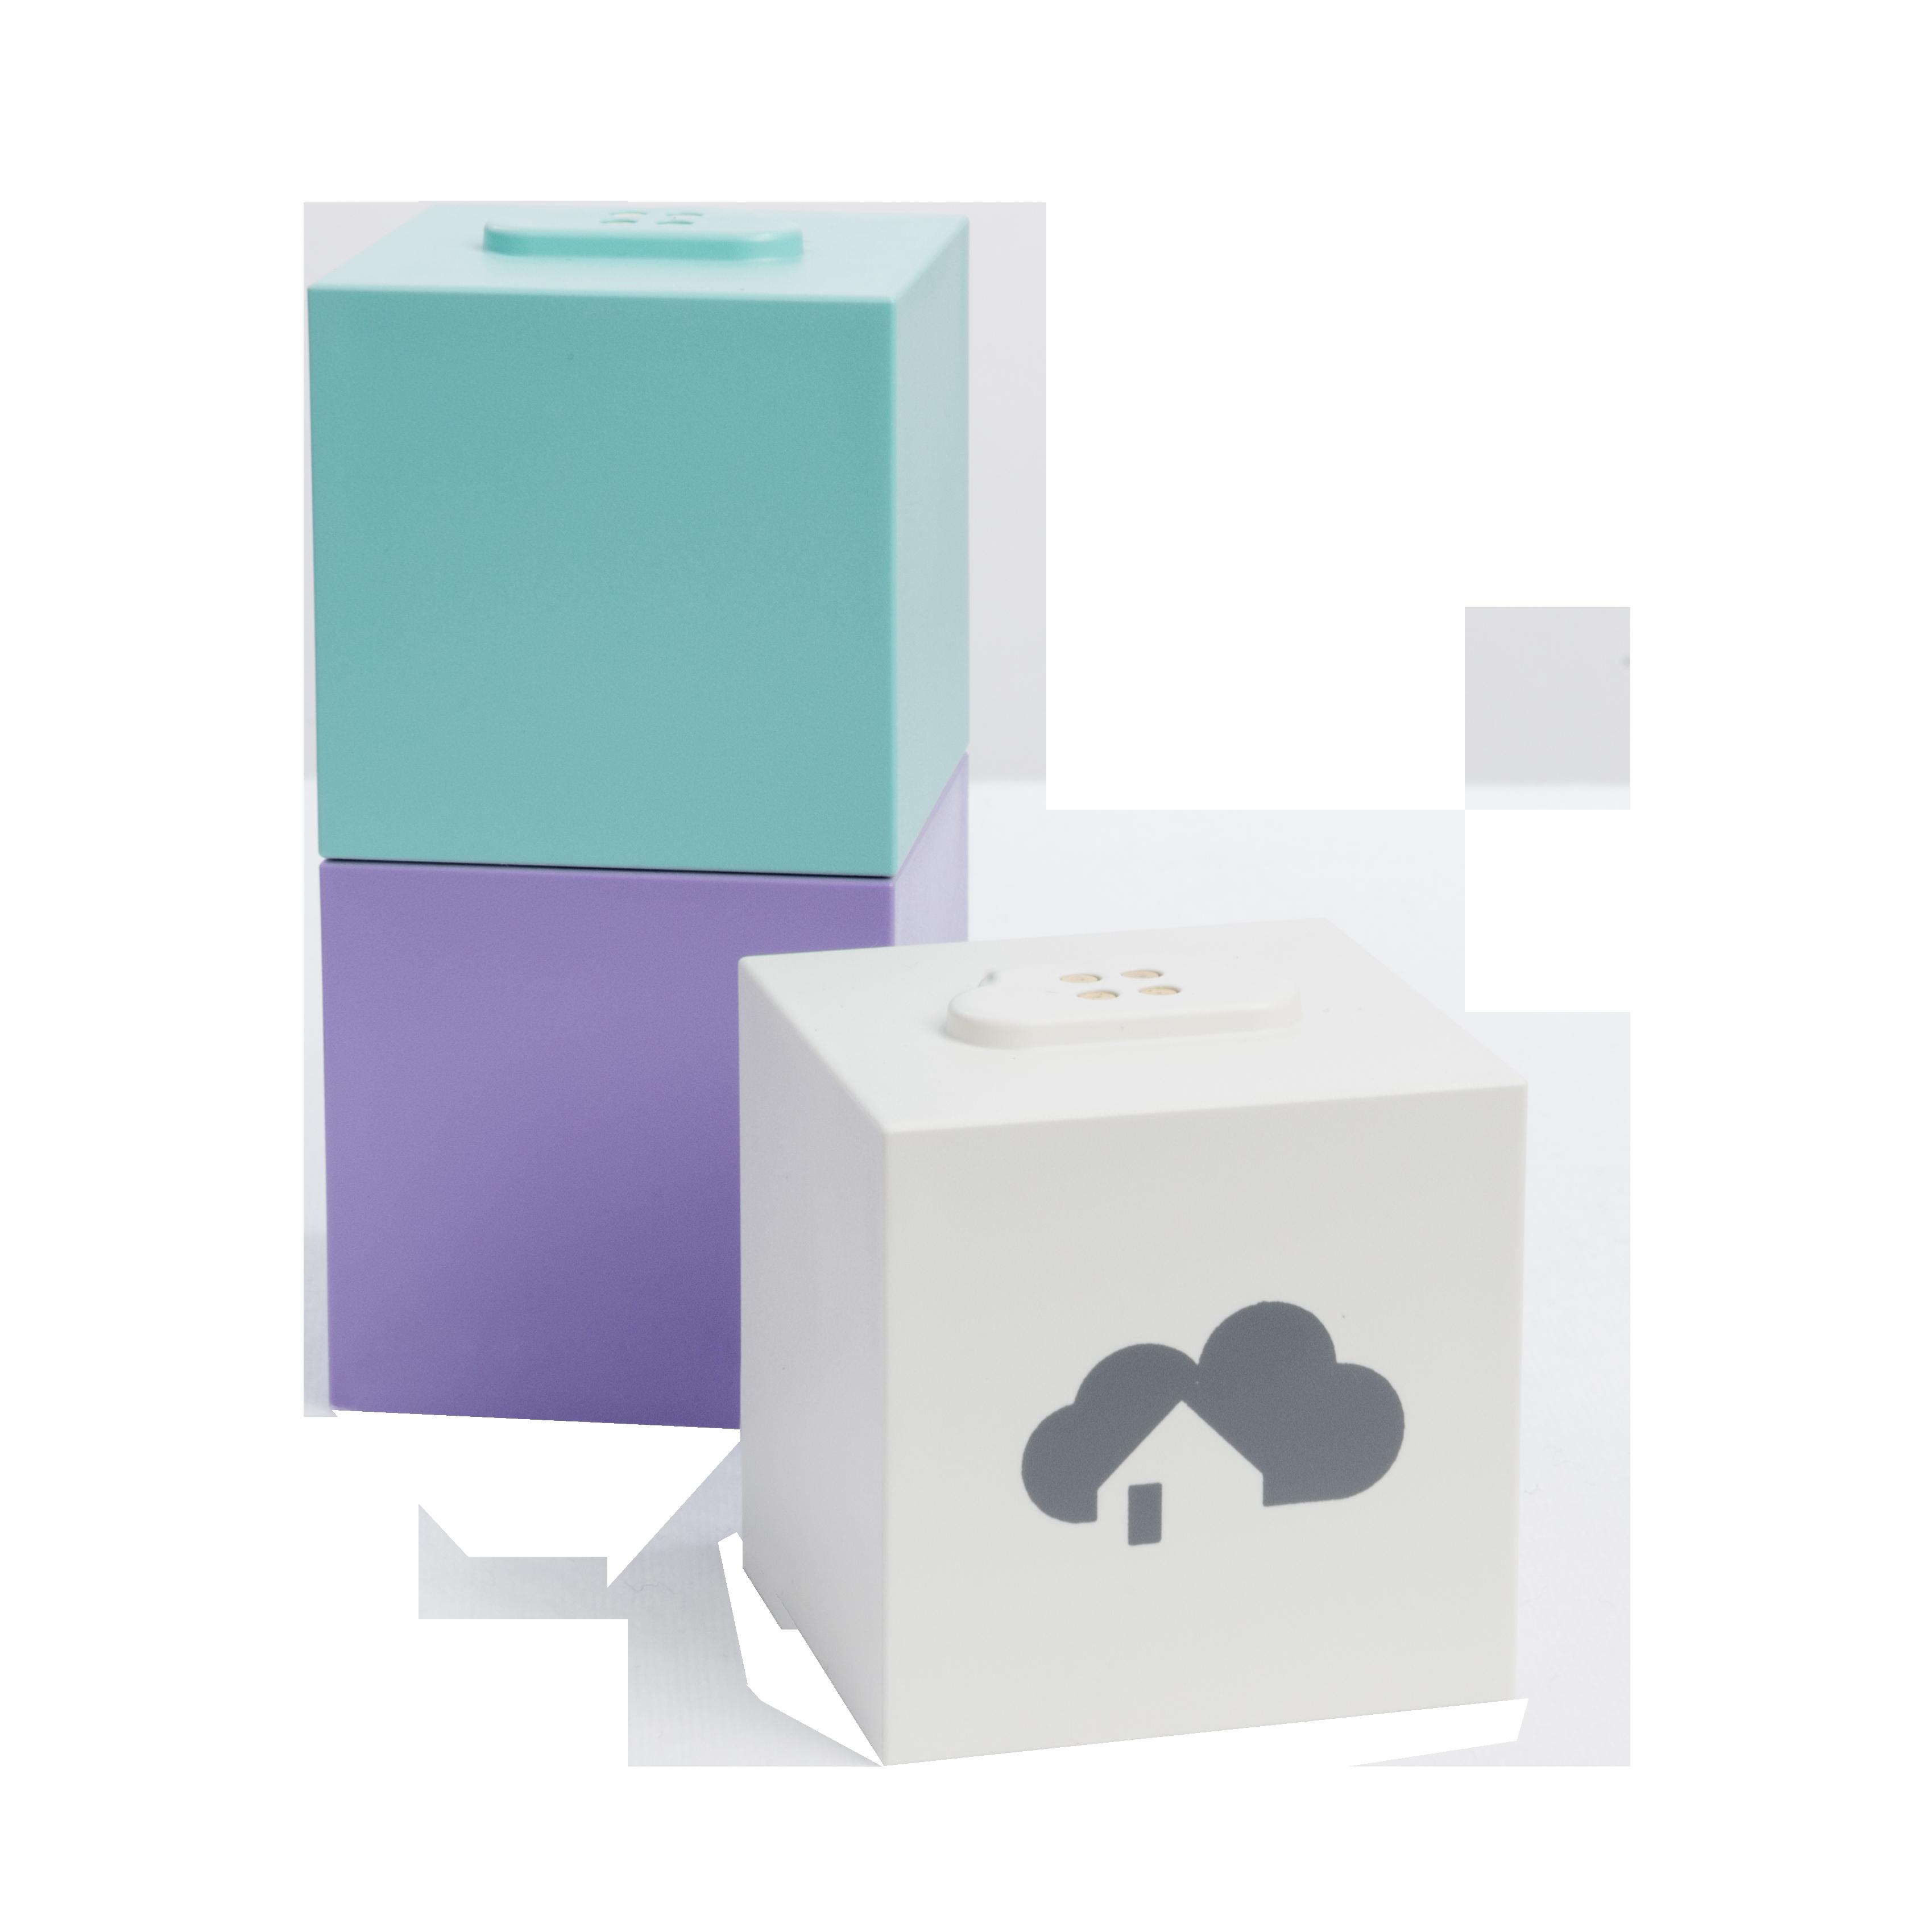 homee eine schaltzentrale im smart home. Black Bedroom Furniture Sets. Home Design Ideas